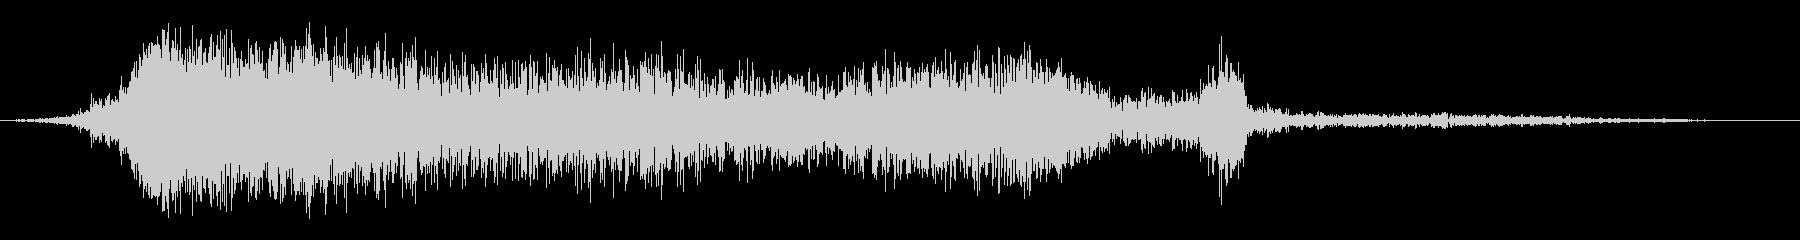 エネルギースライス1の未再生の波形